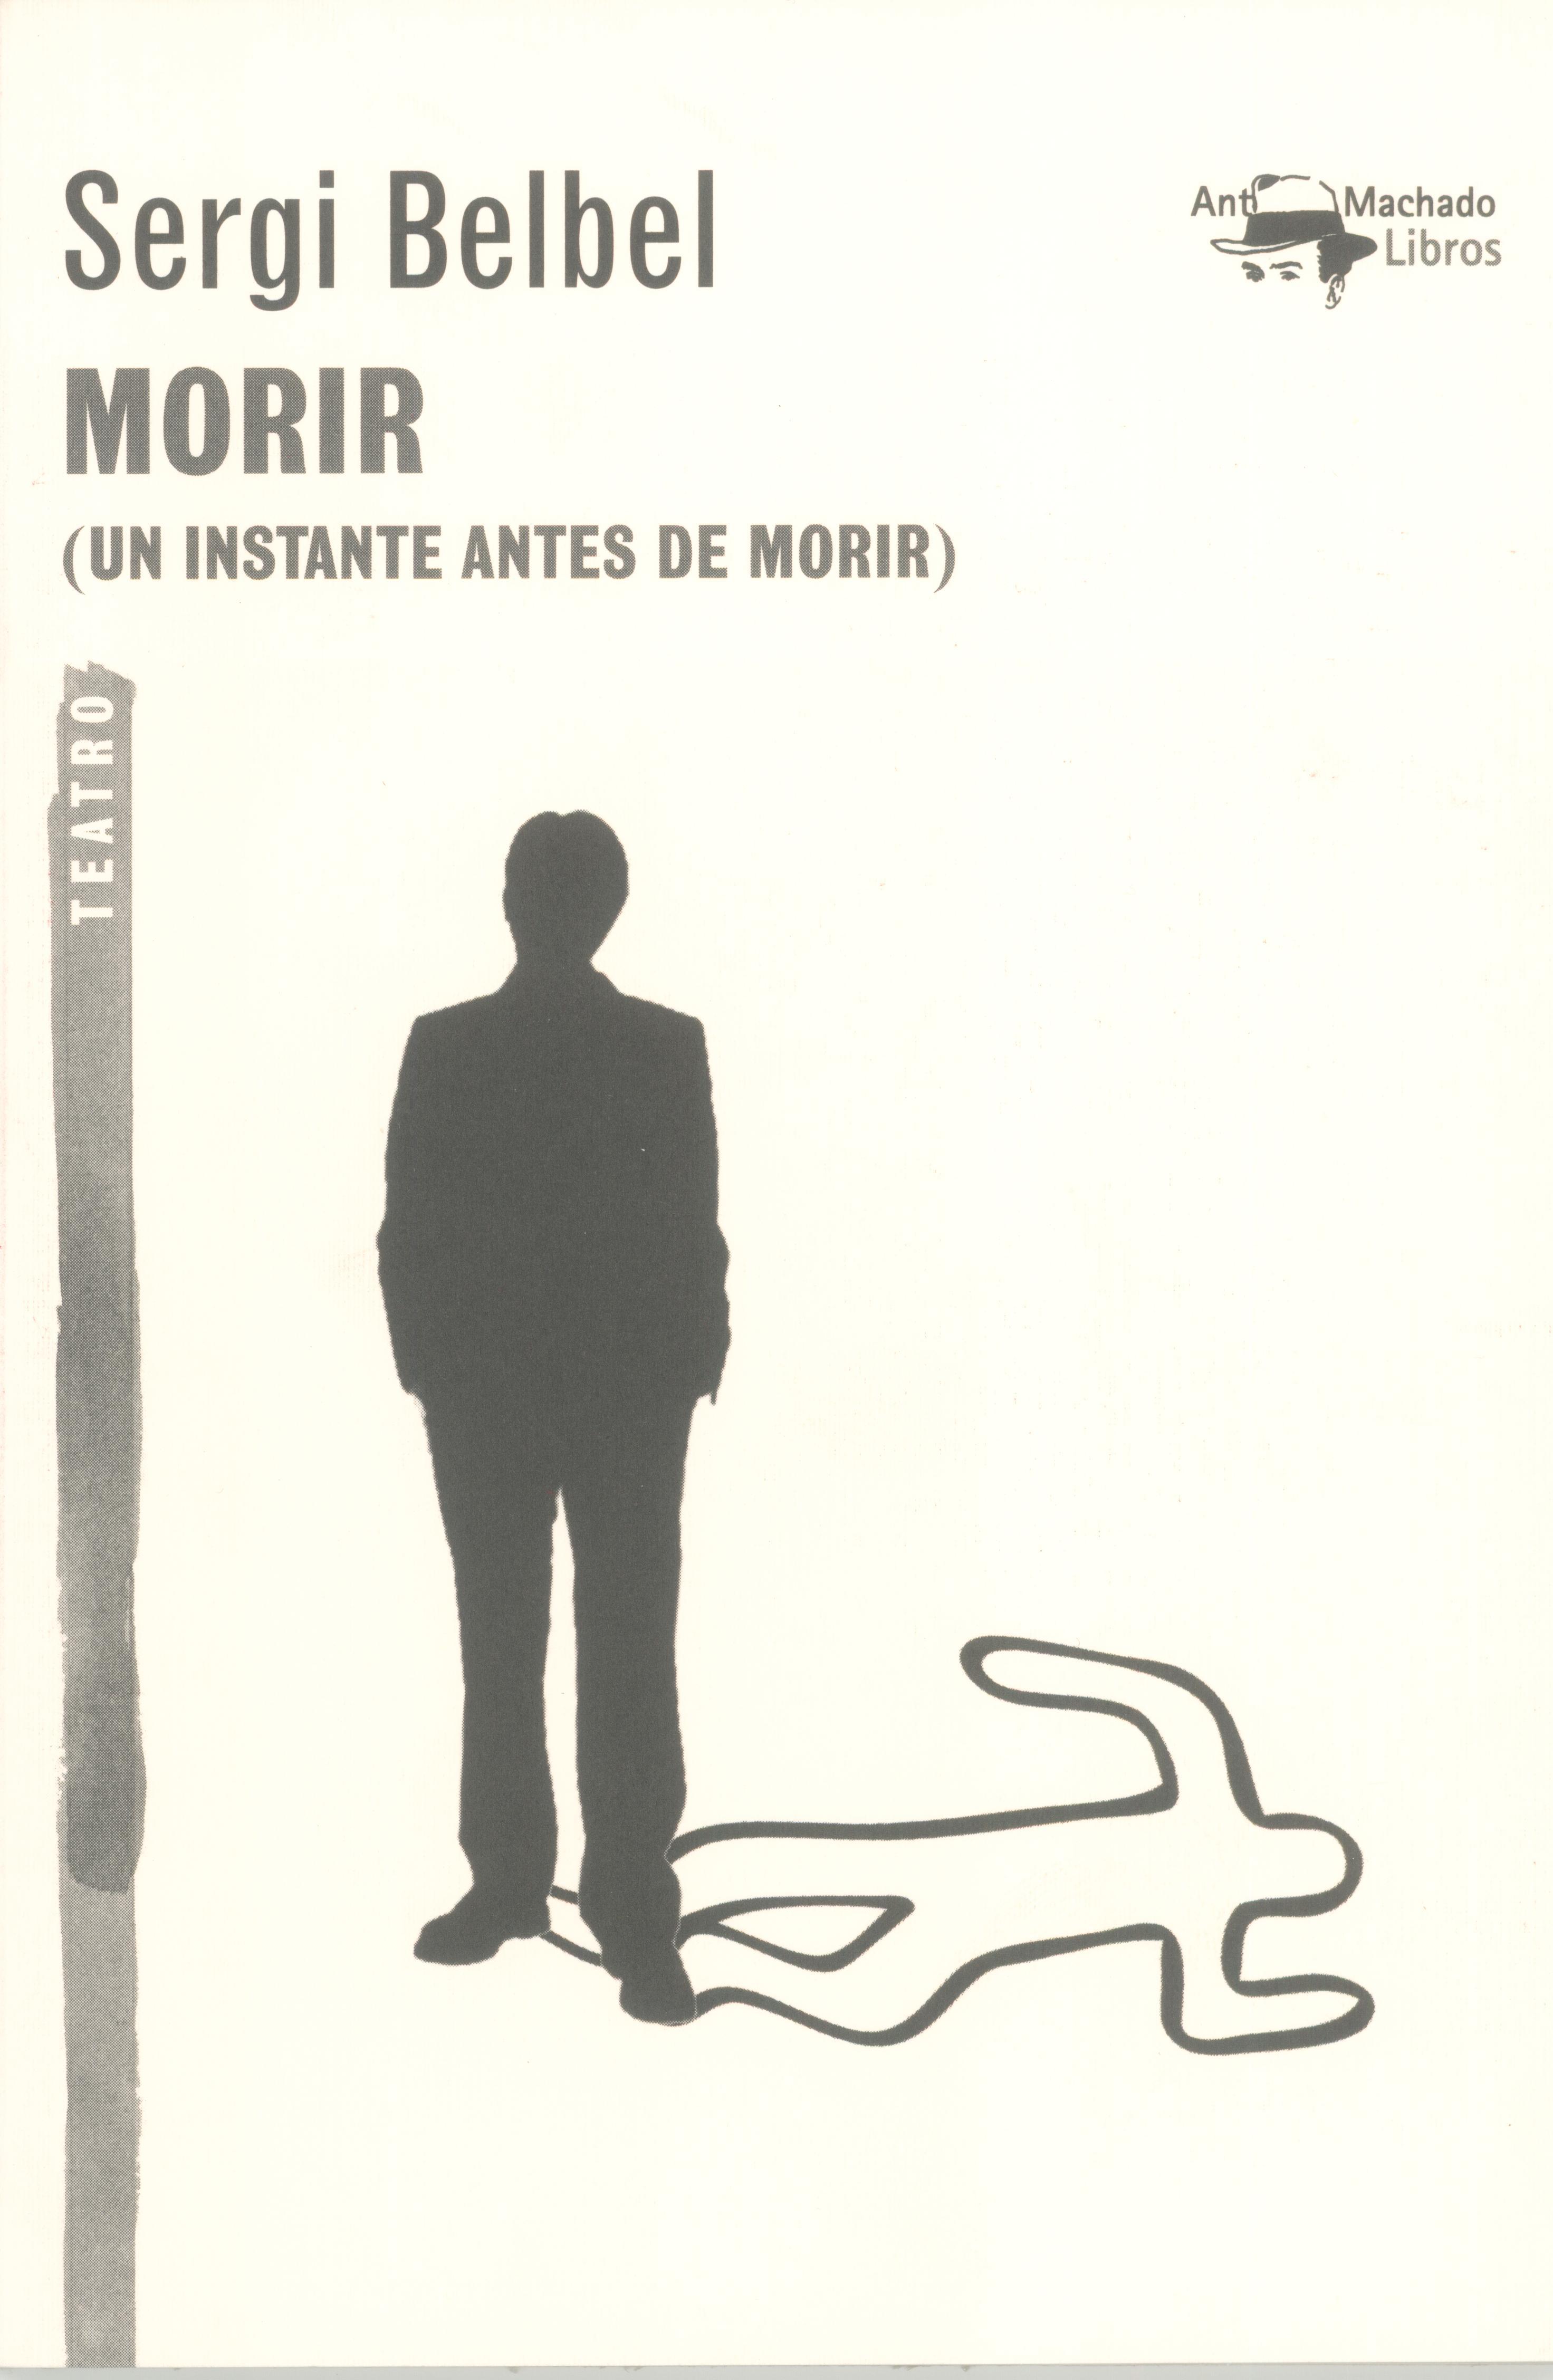 MORIR (UN INSTANTE ANTES DE MORIR)